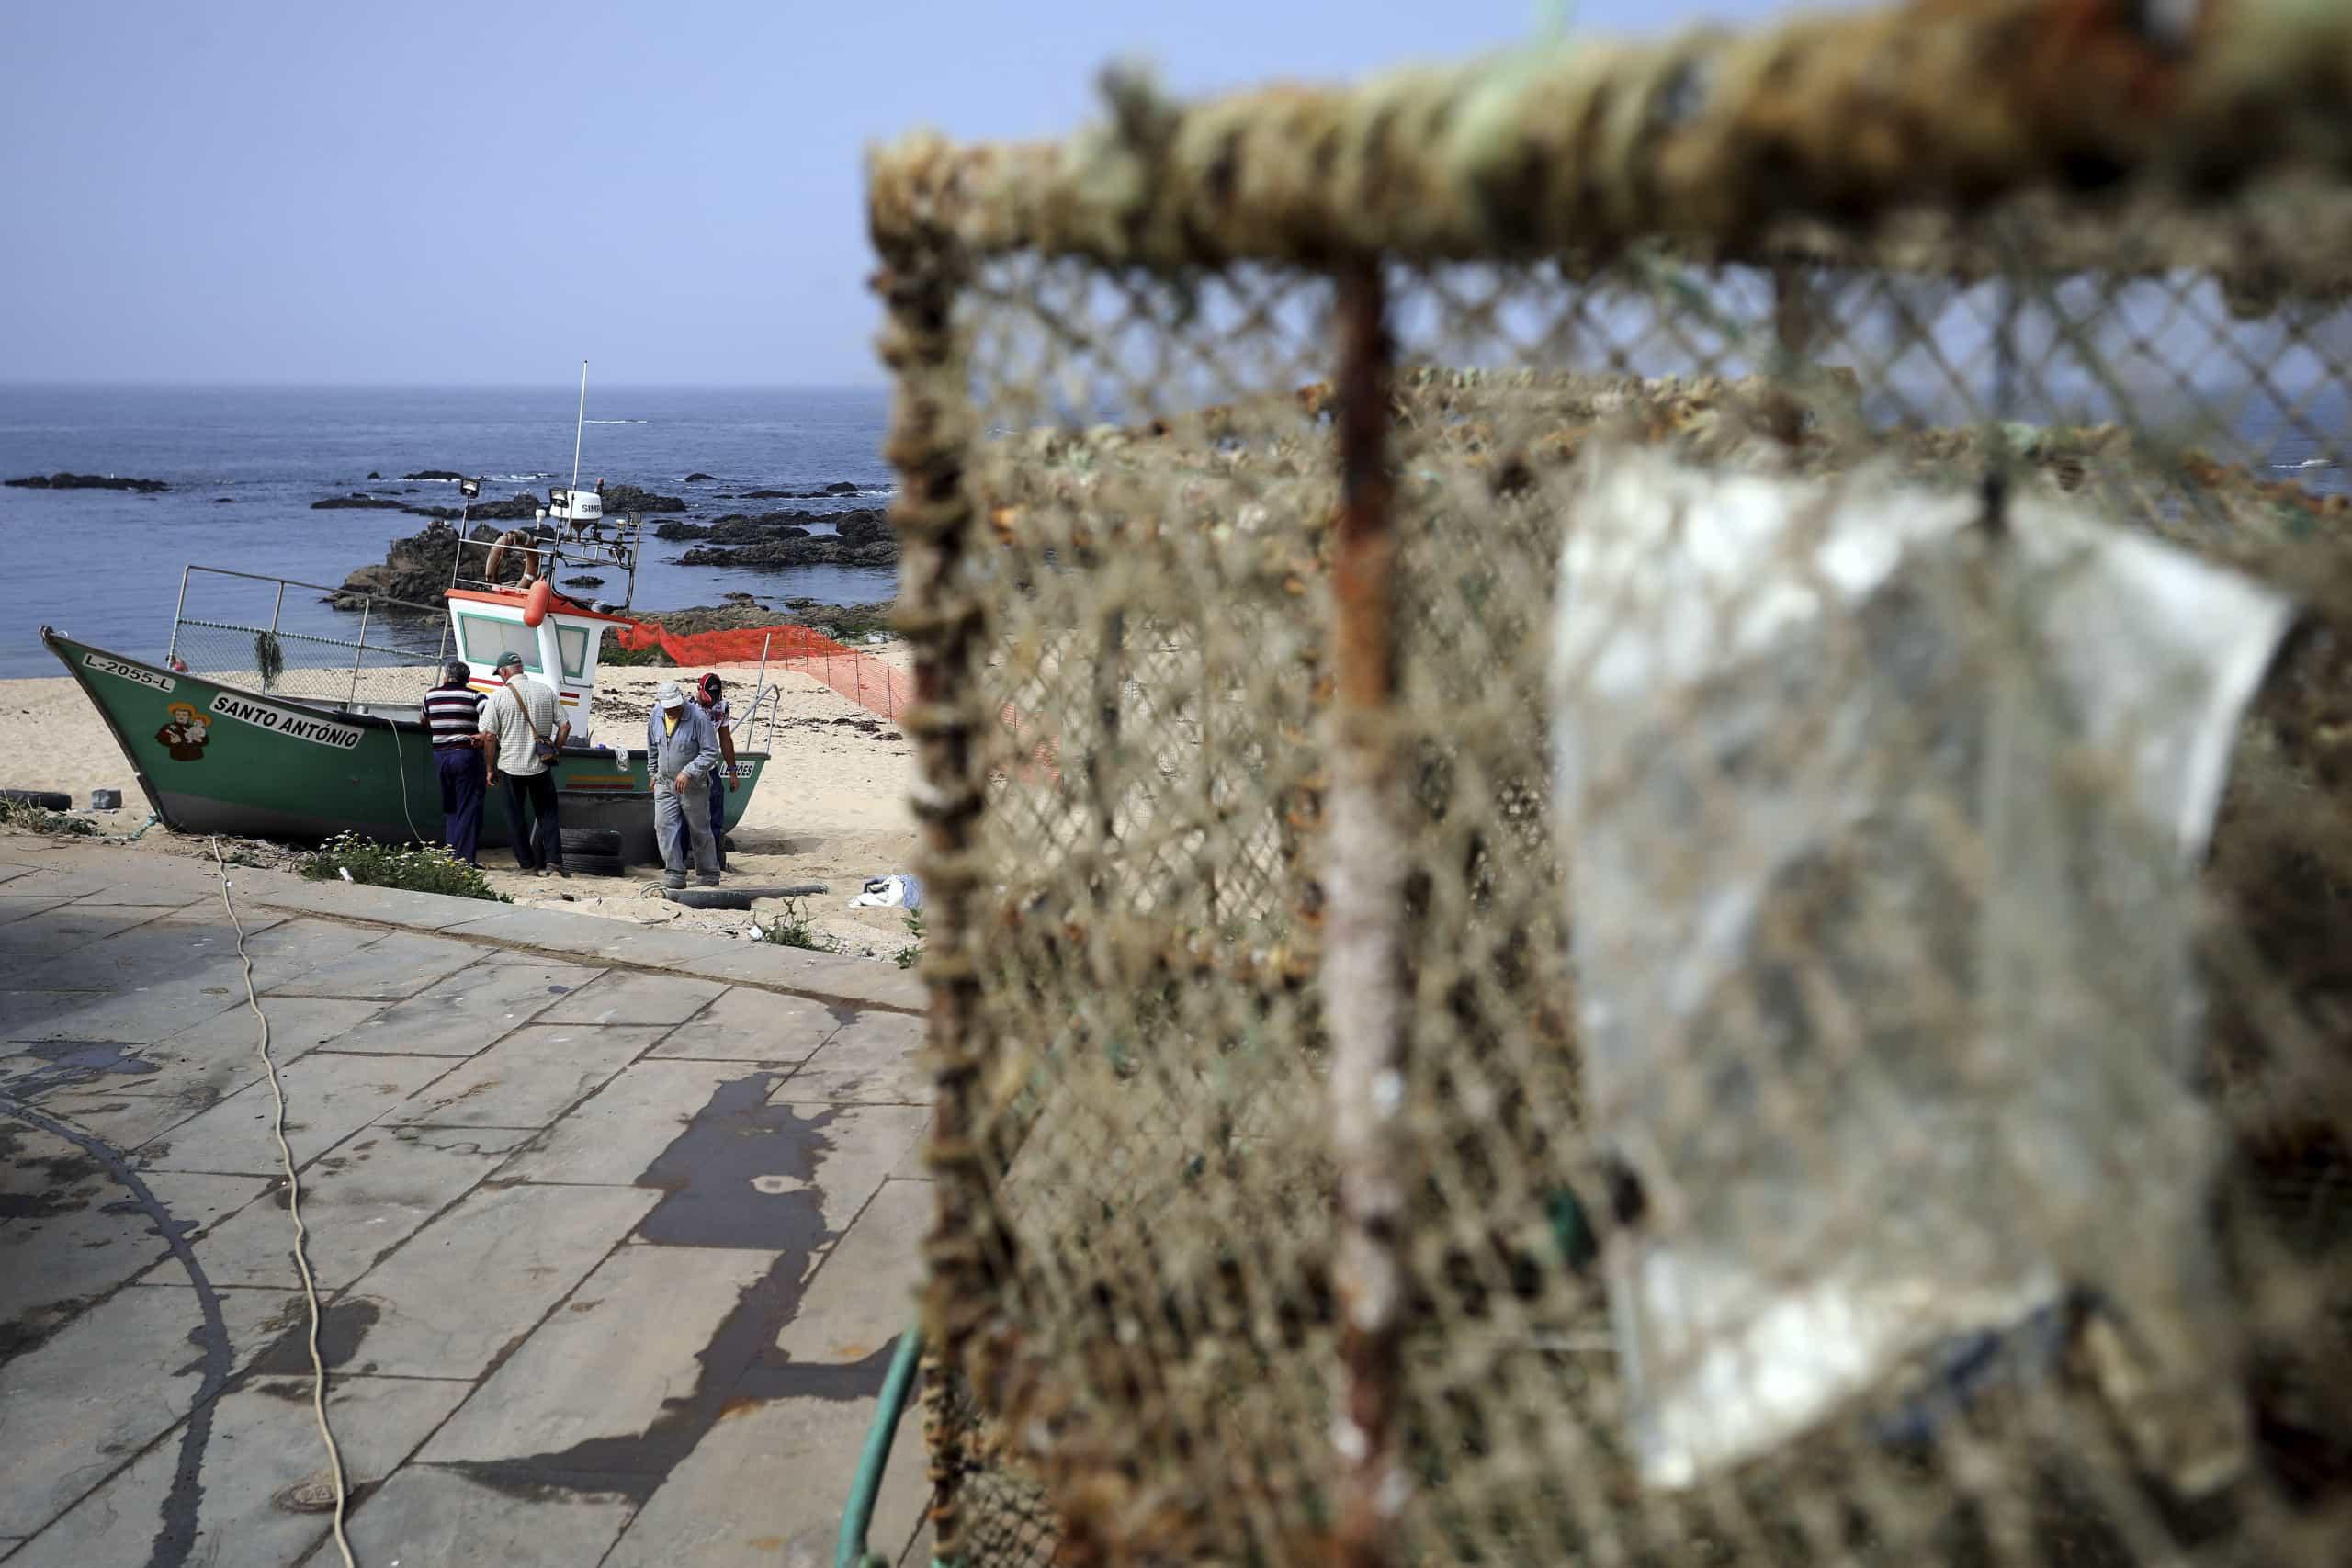 Pescadores estão a diminuir. Só no Algarve número caiu para metade